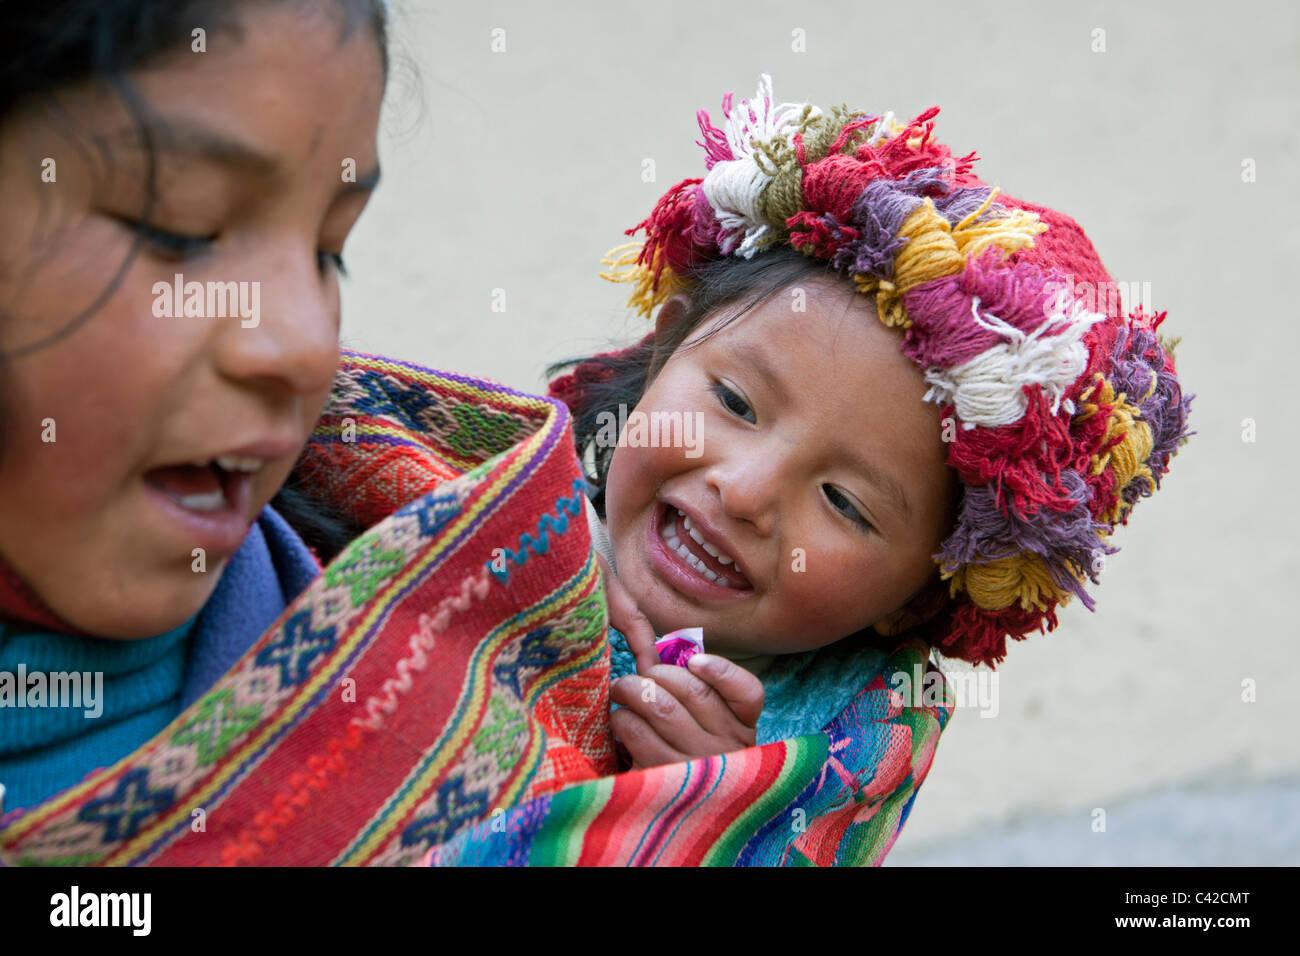 Peru, Patakancha, Patacancha, village near Ollantaytambo. Indian Baby and girl in traditional dress. - Stock Image